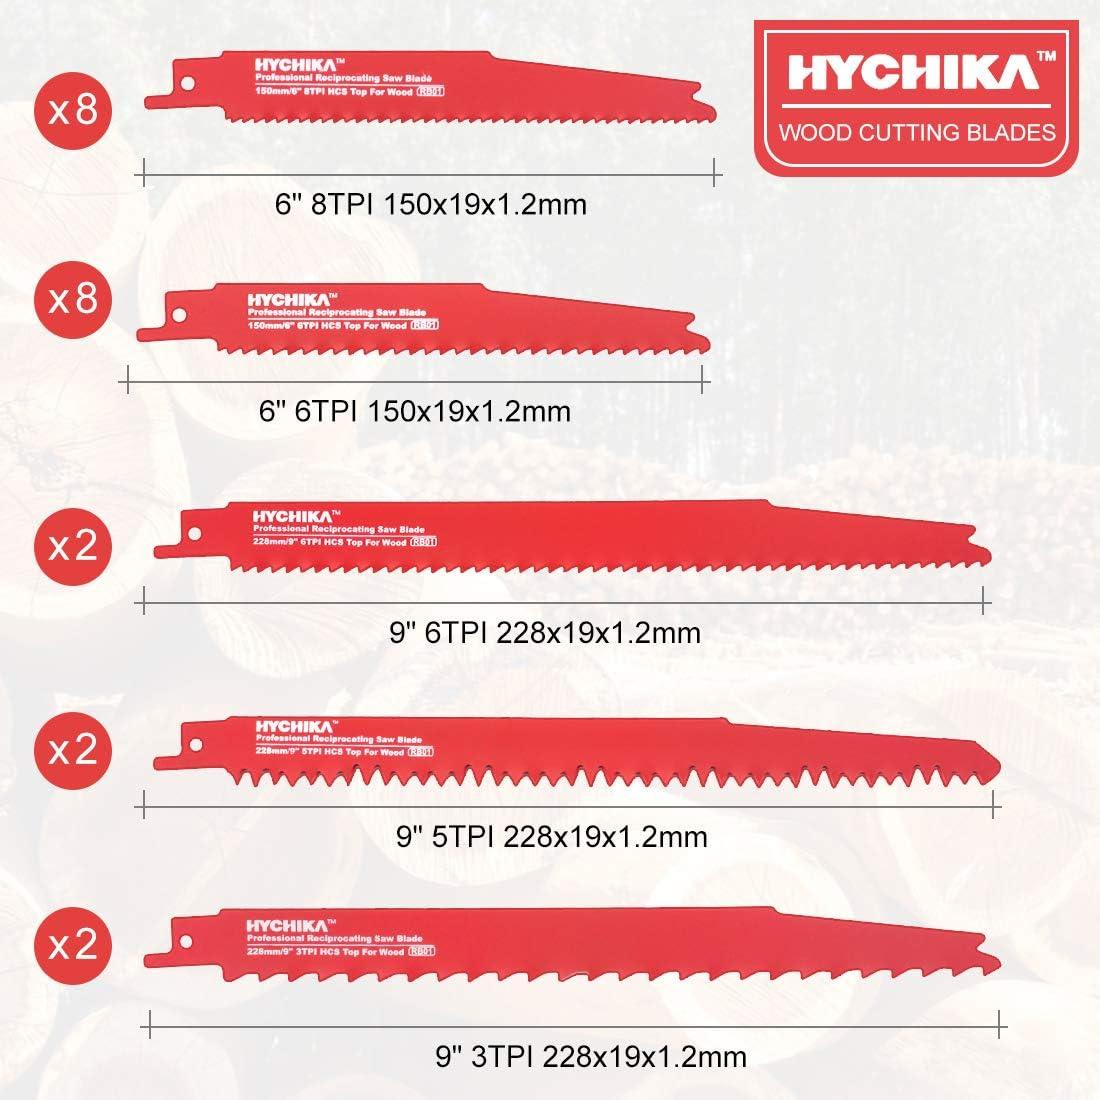 HYCHIKA 32 PCS S/äbels/ägebl/ätter zum Schneiden von Metall und Holz mit Organizer Koffer